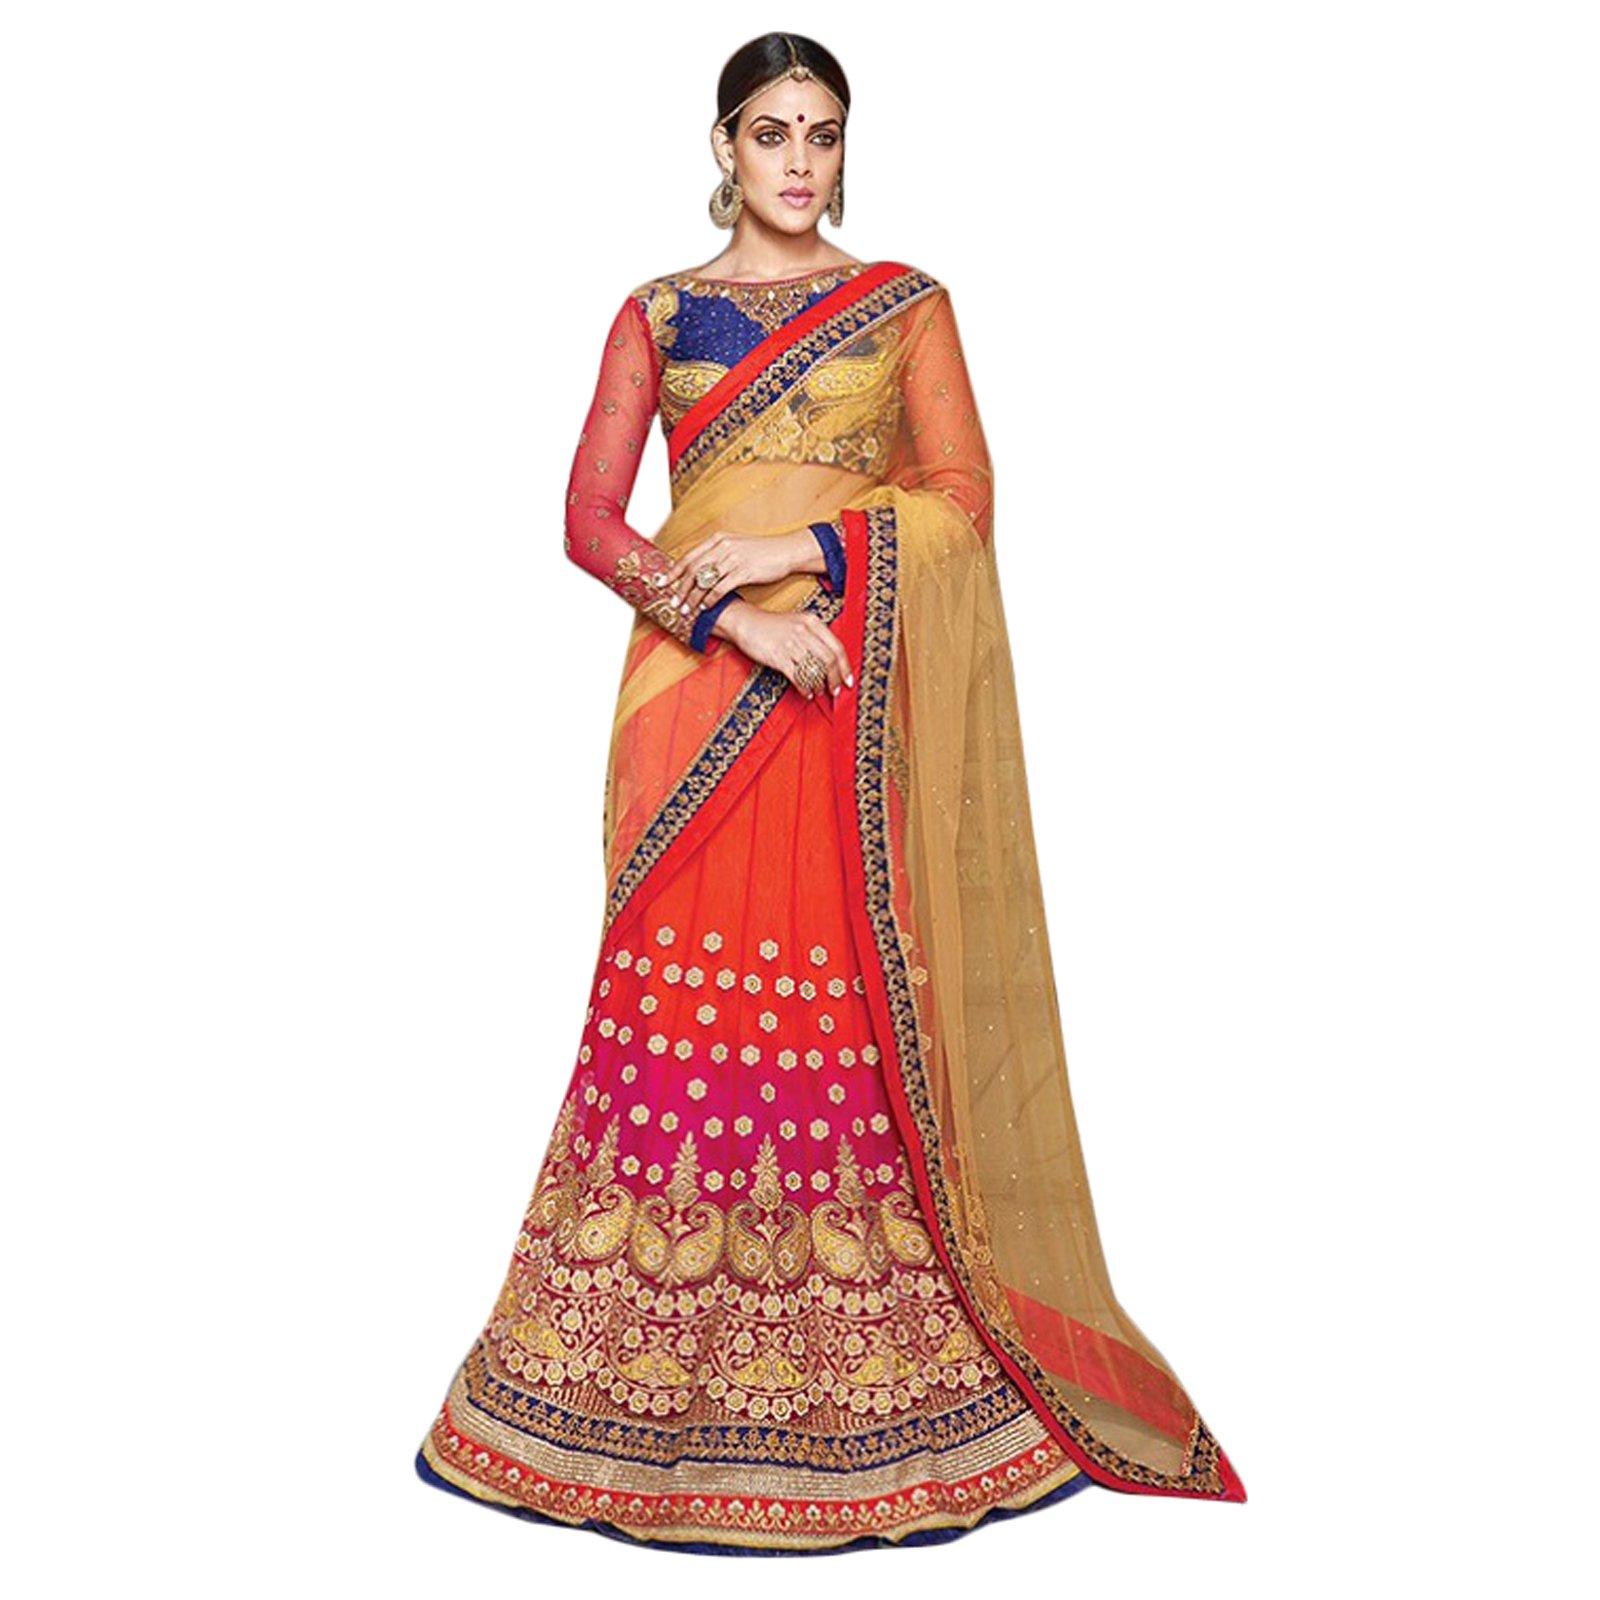 Indian Designer Bollywood Ethnic Semi Stitched Wedding Party Wear Lehenga Choli